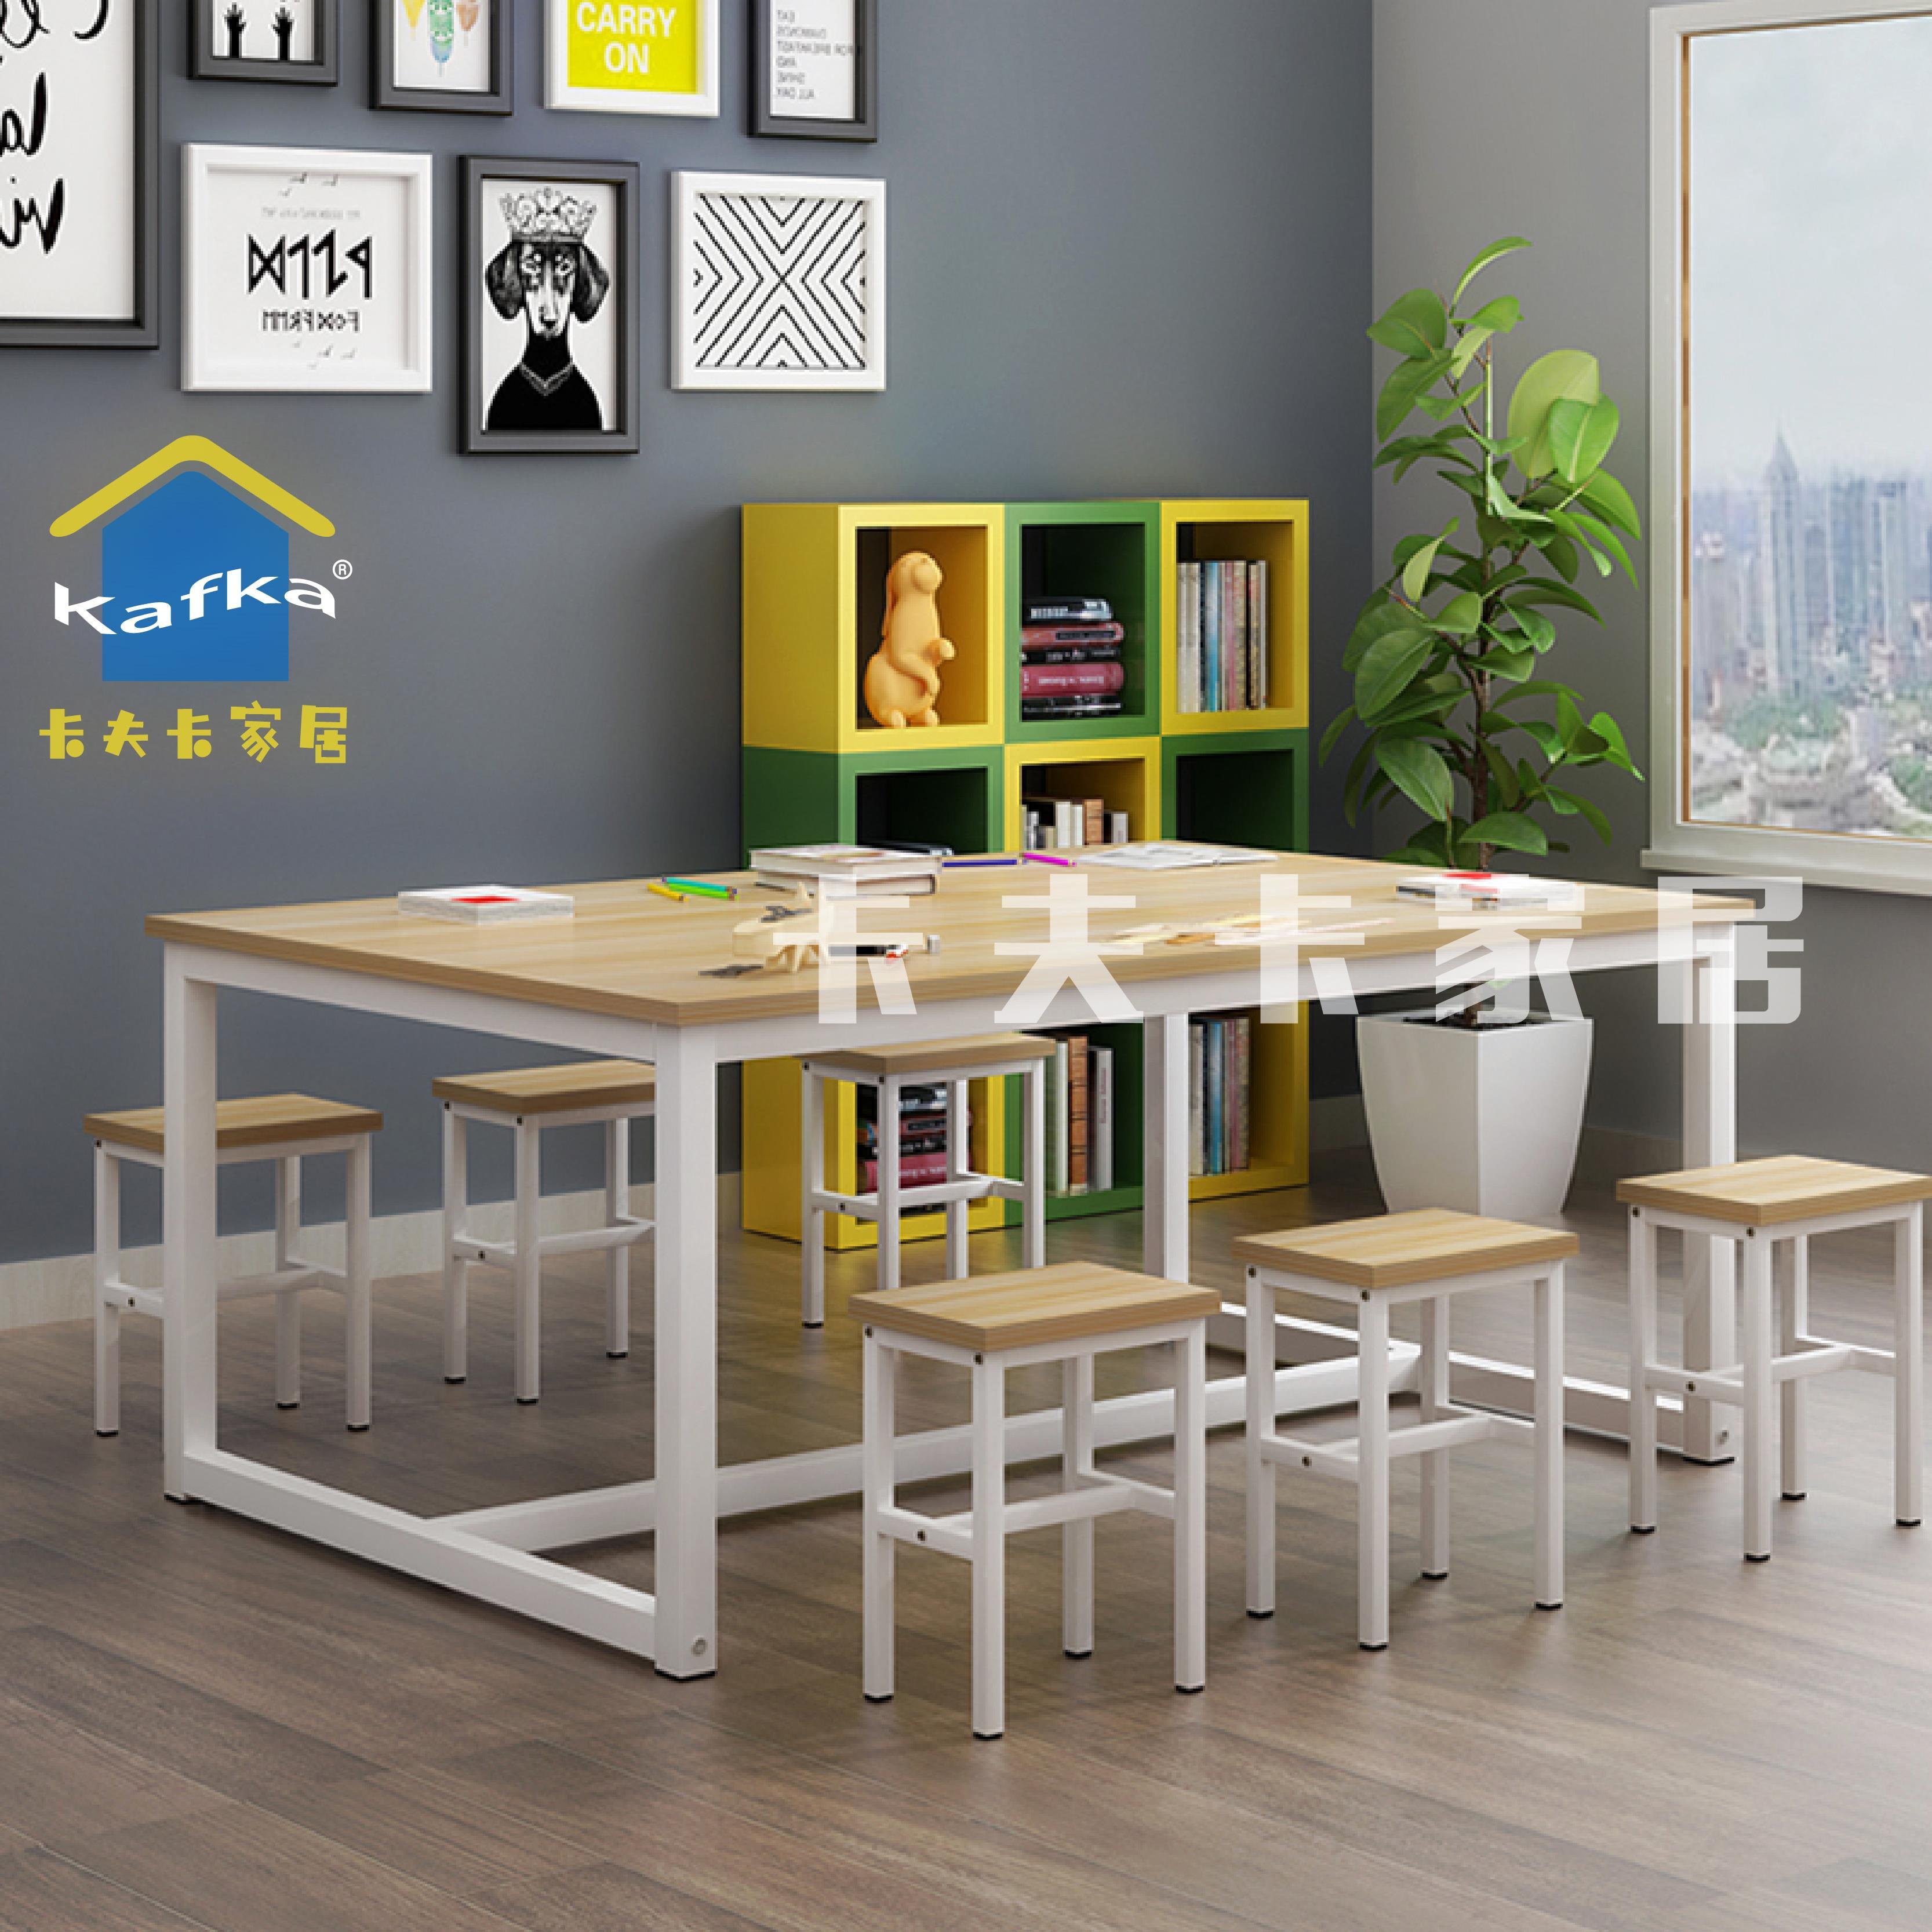 Школьная мебель Артикул 588891651014